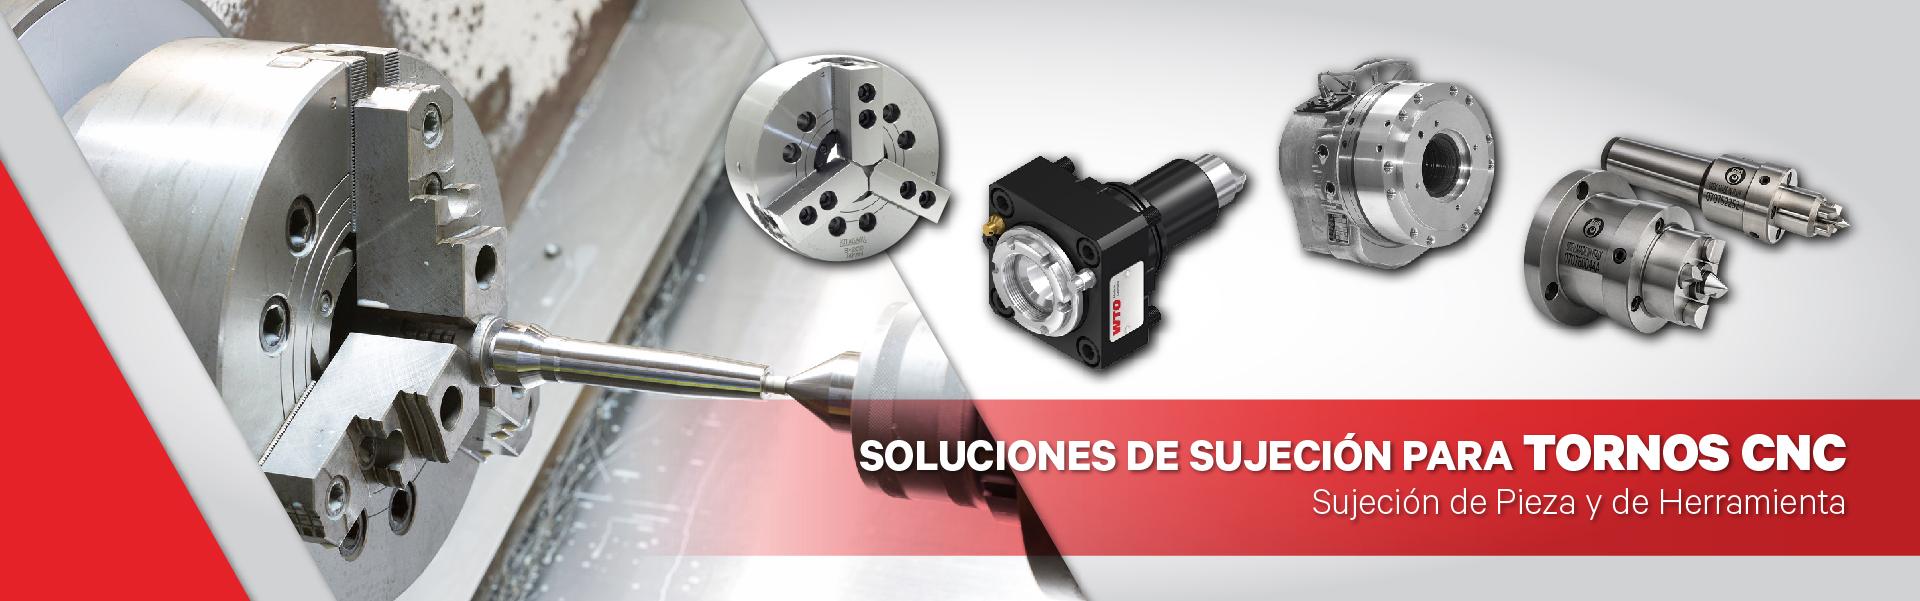 WEM_INICIO_SUJECION_TORNOS_CNC